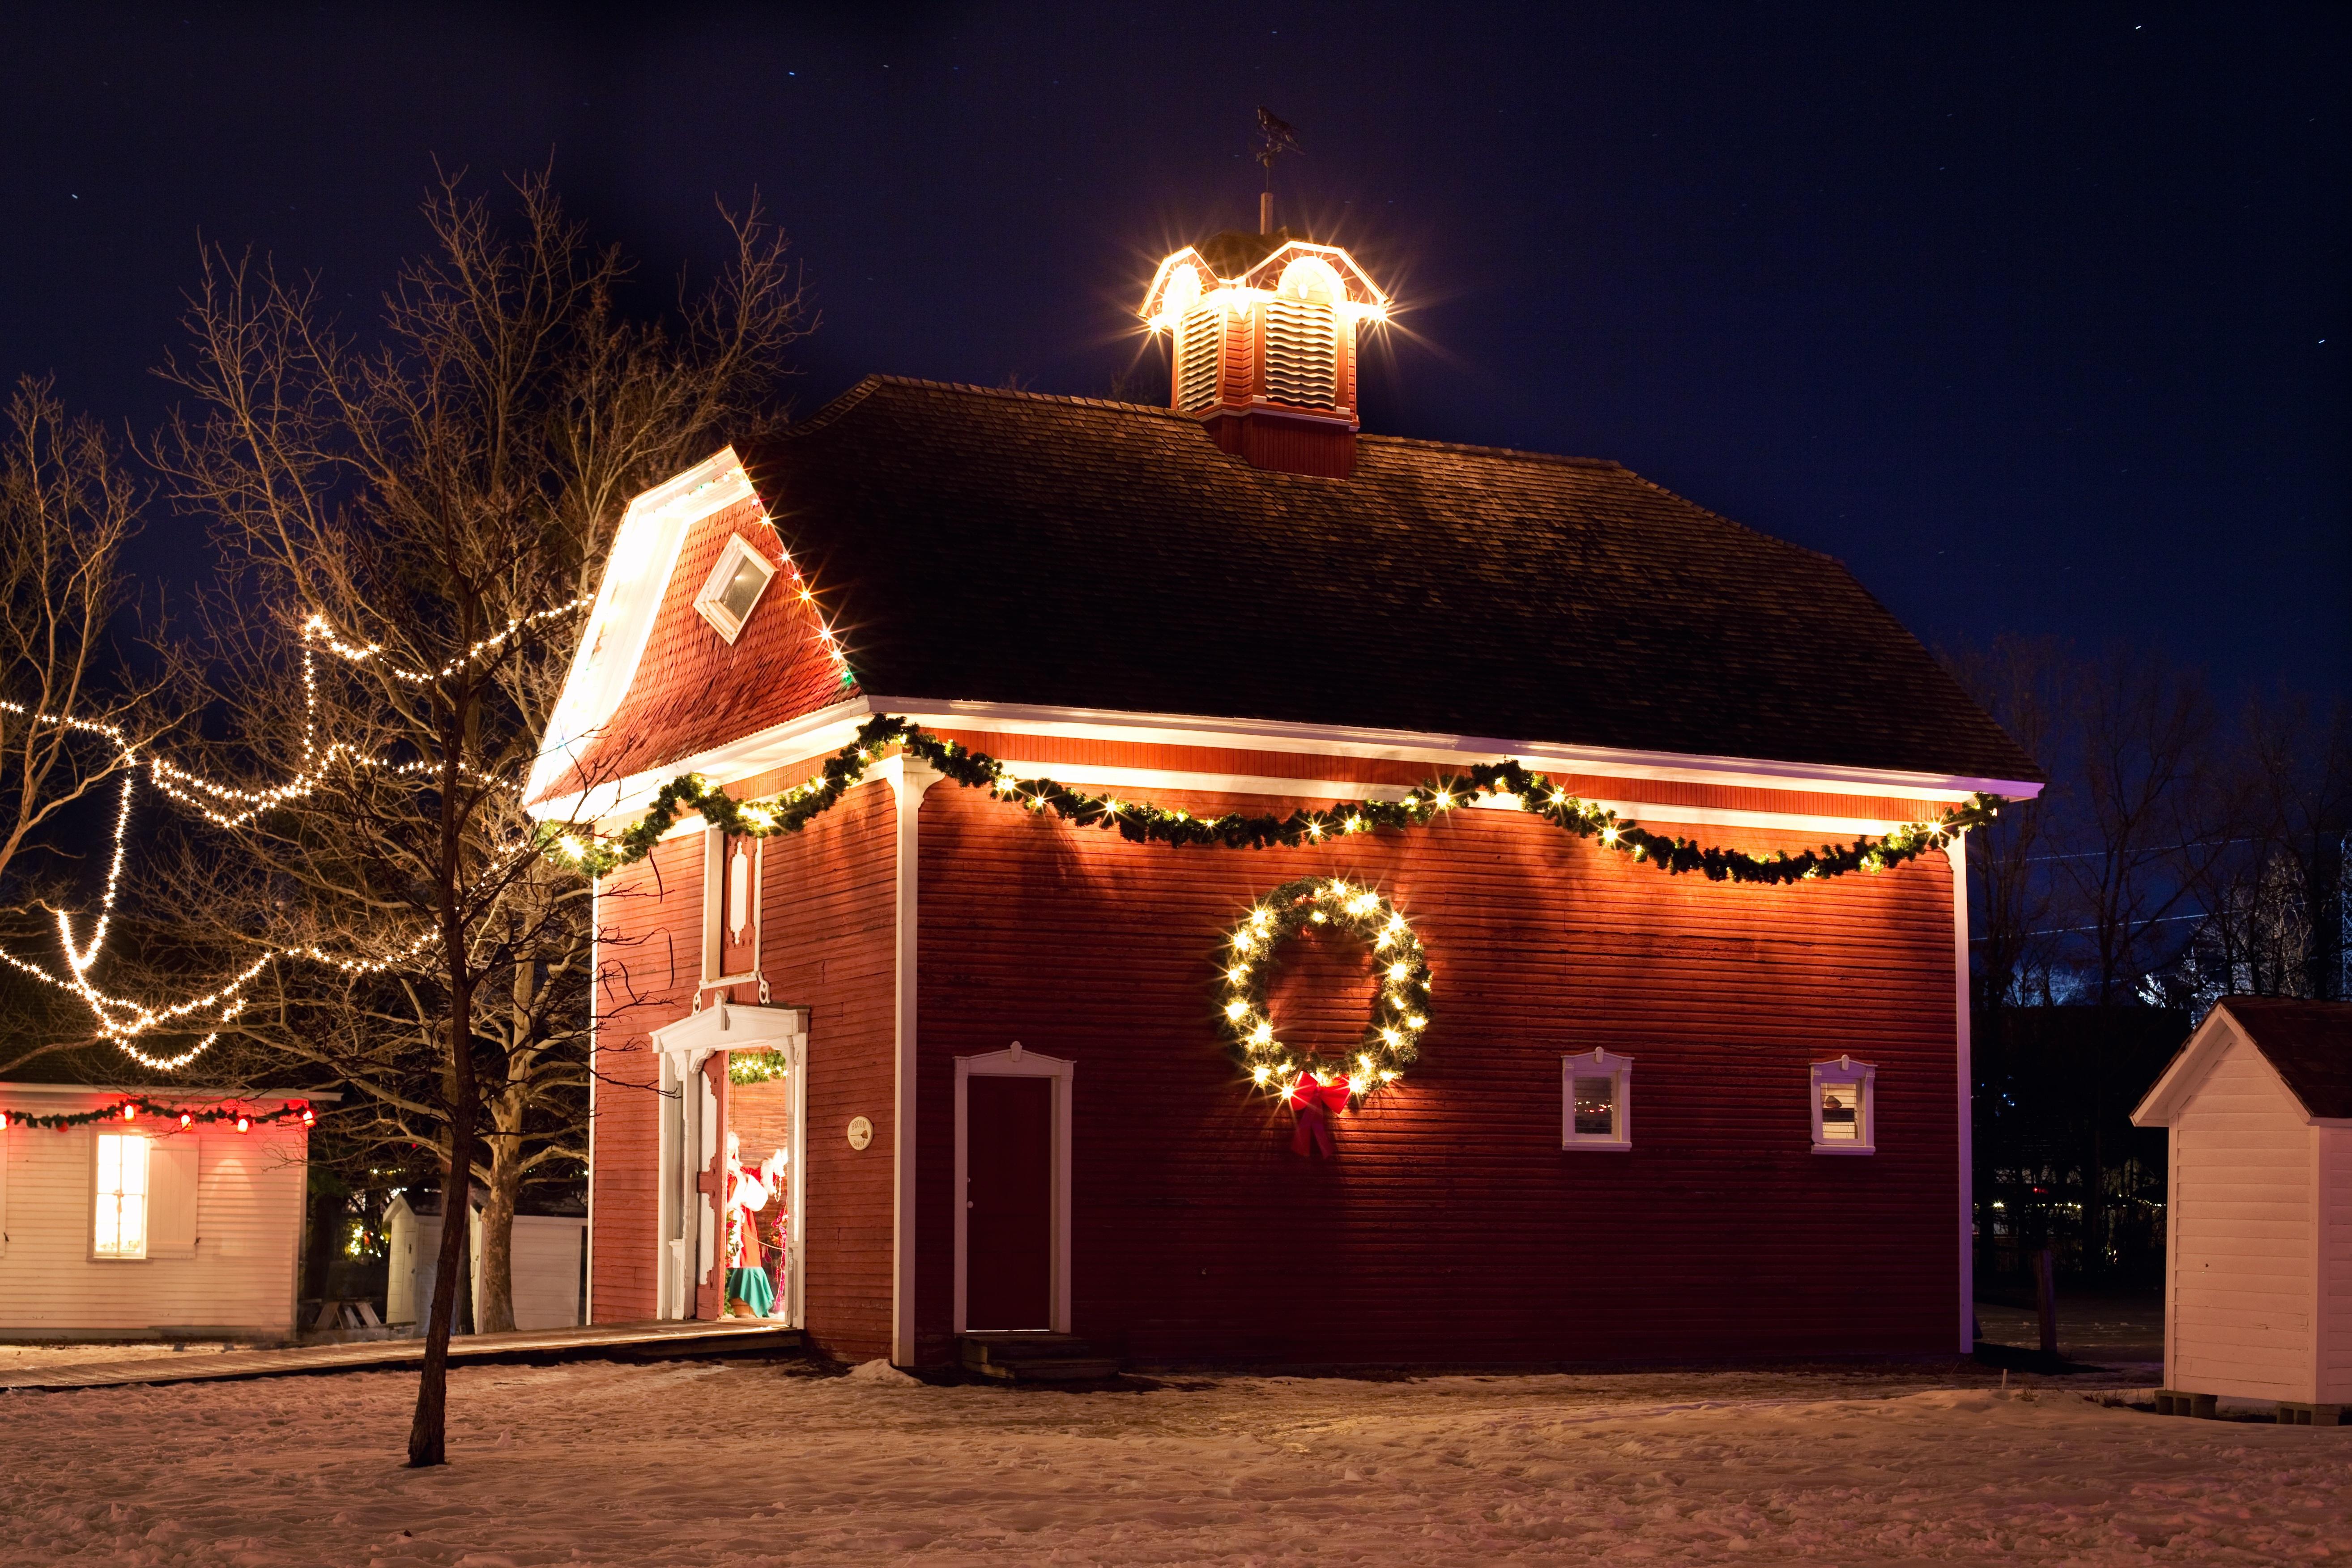 Haus Weihnachtsbeleuchtung.Kostenlose Foto Licht Nacht Abend Weihnachten